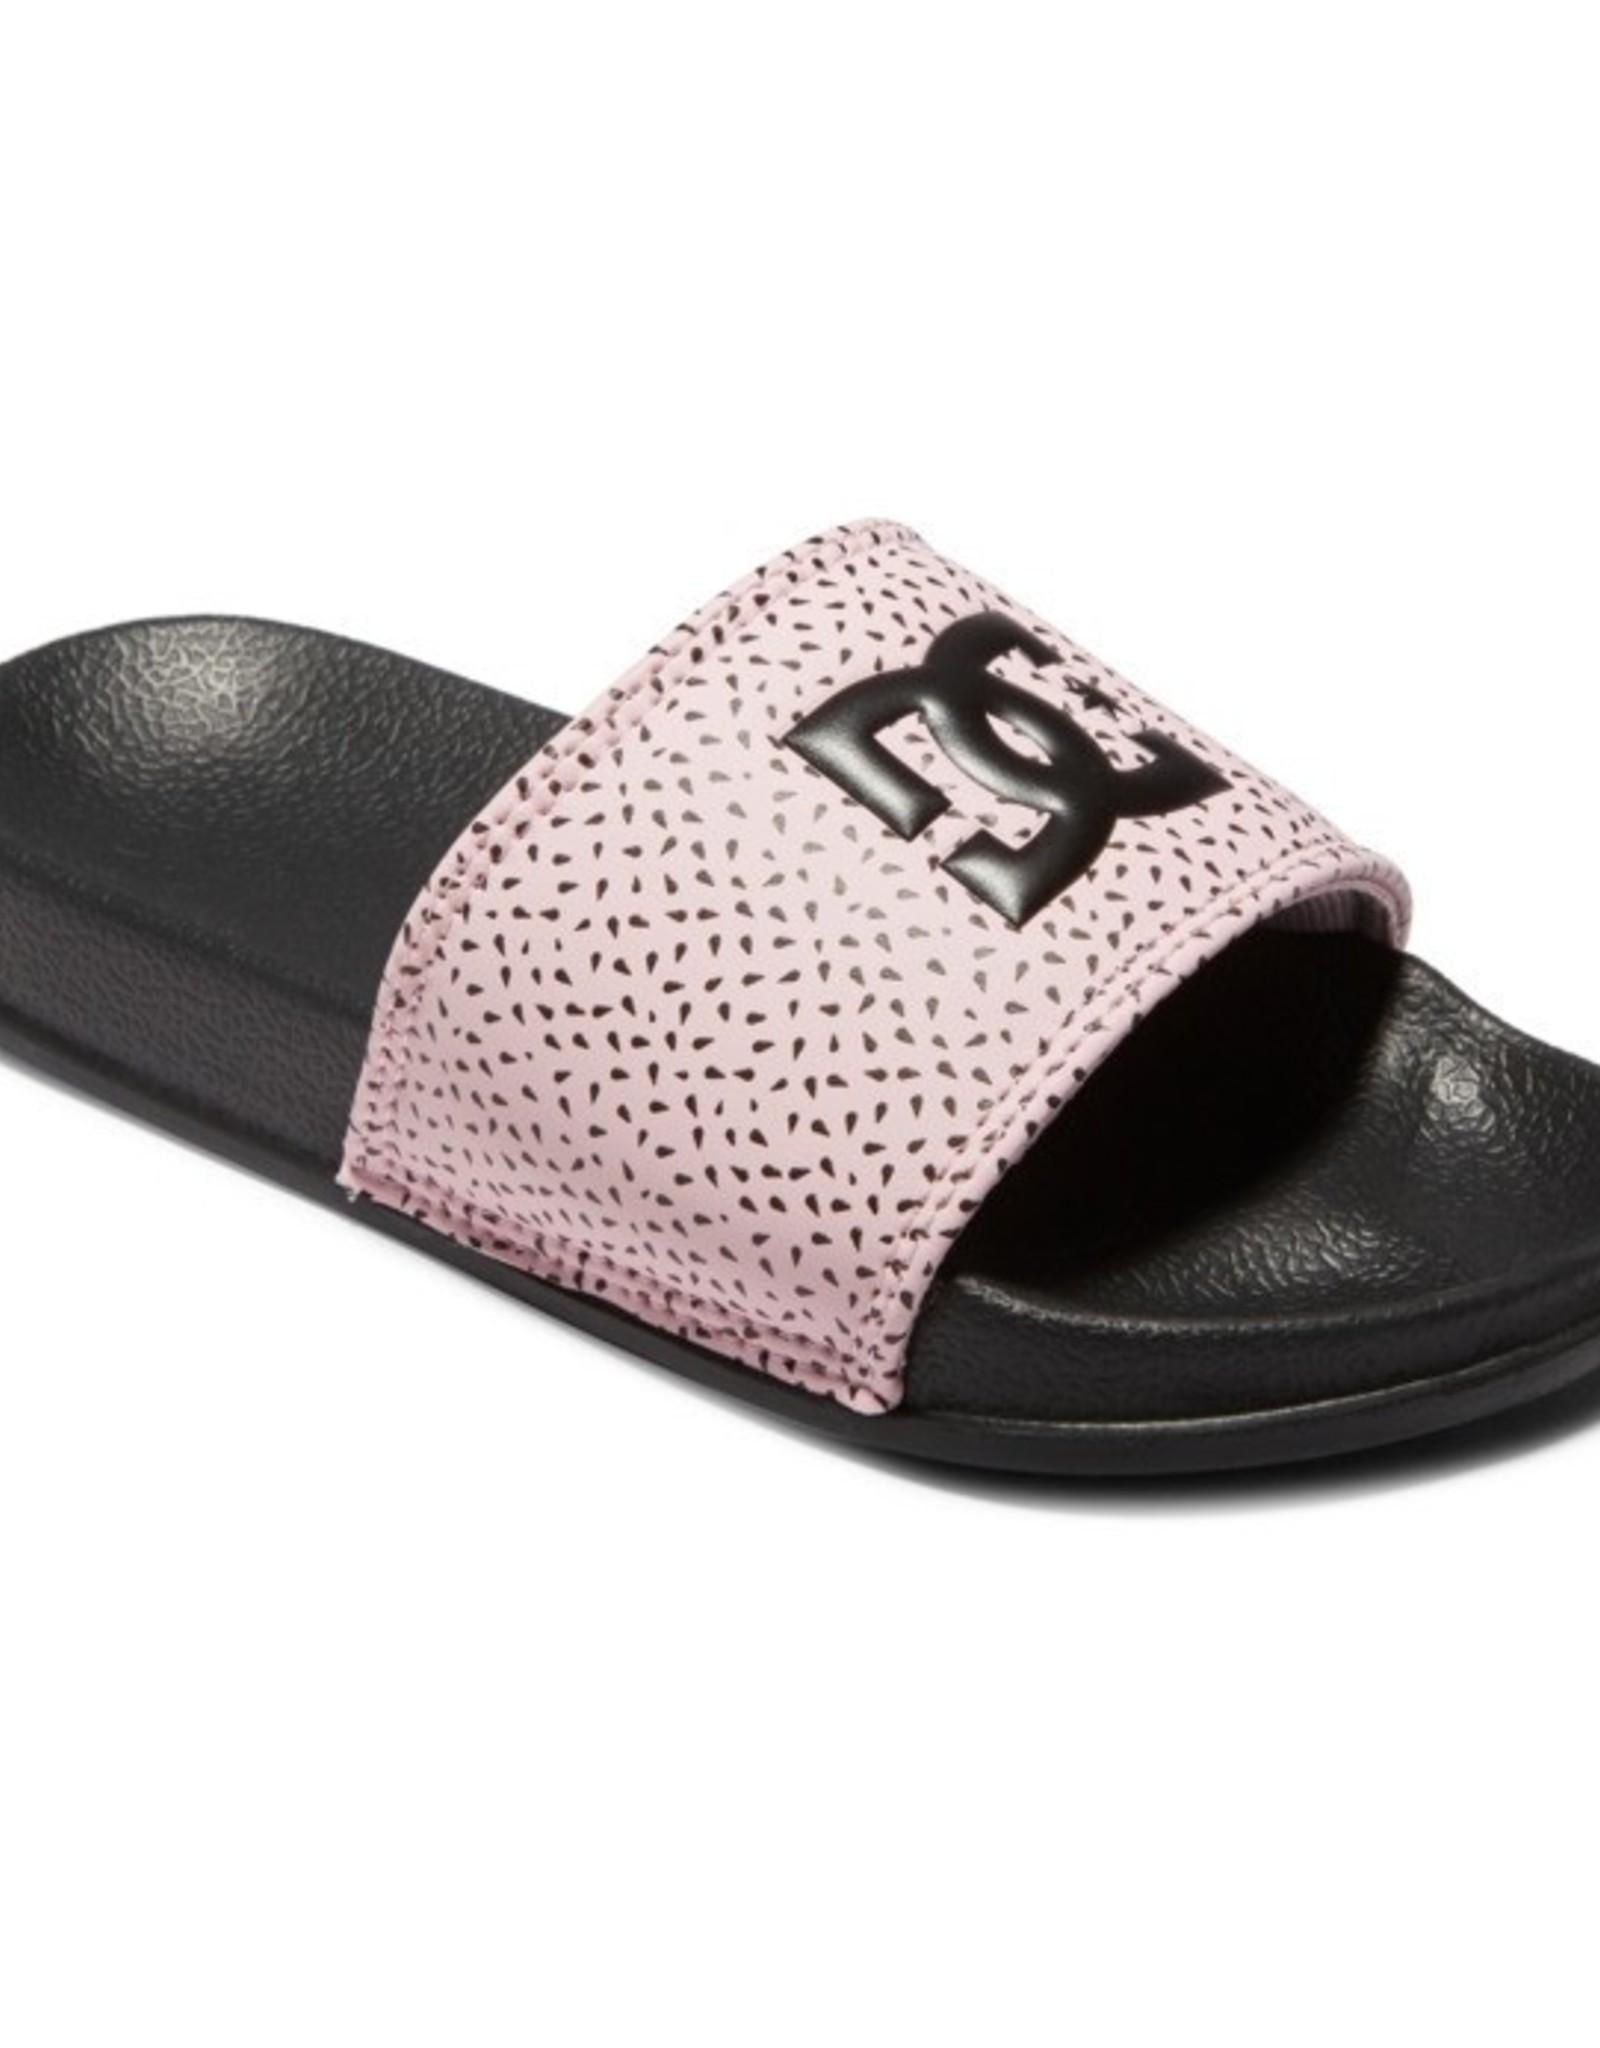 DC SP21 Yth Slide Pink/Blk